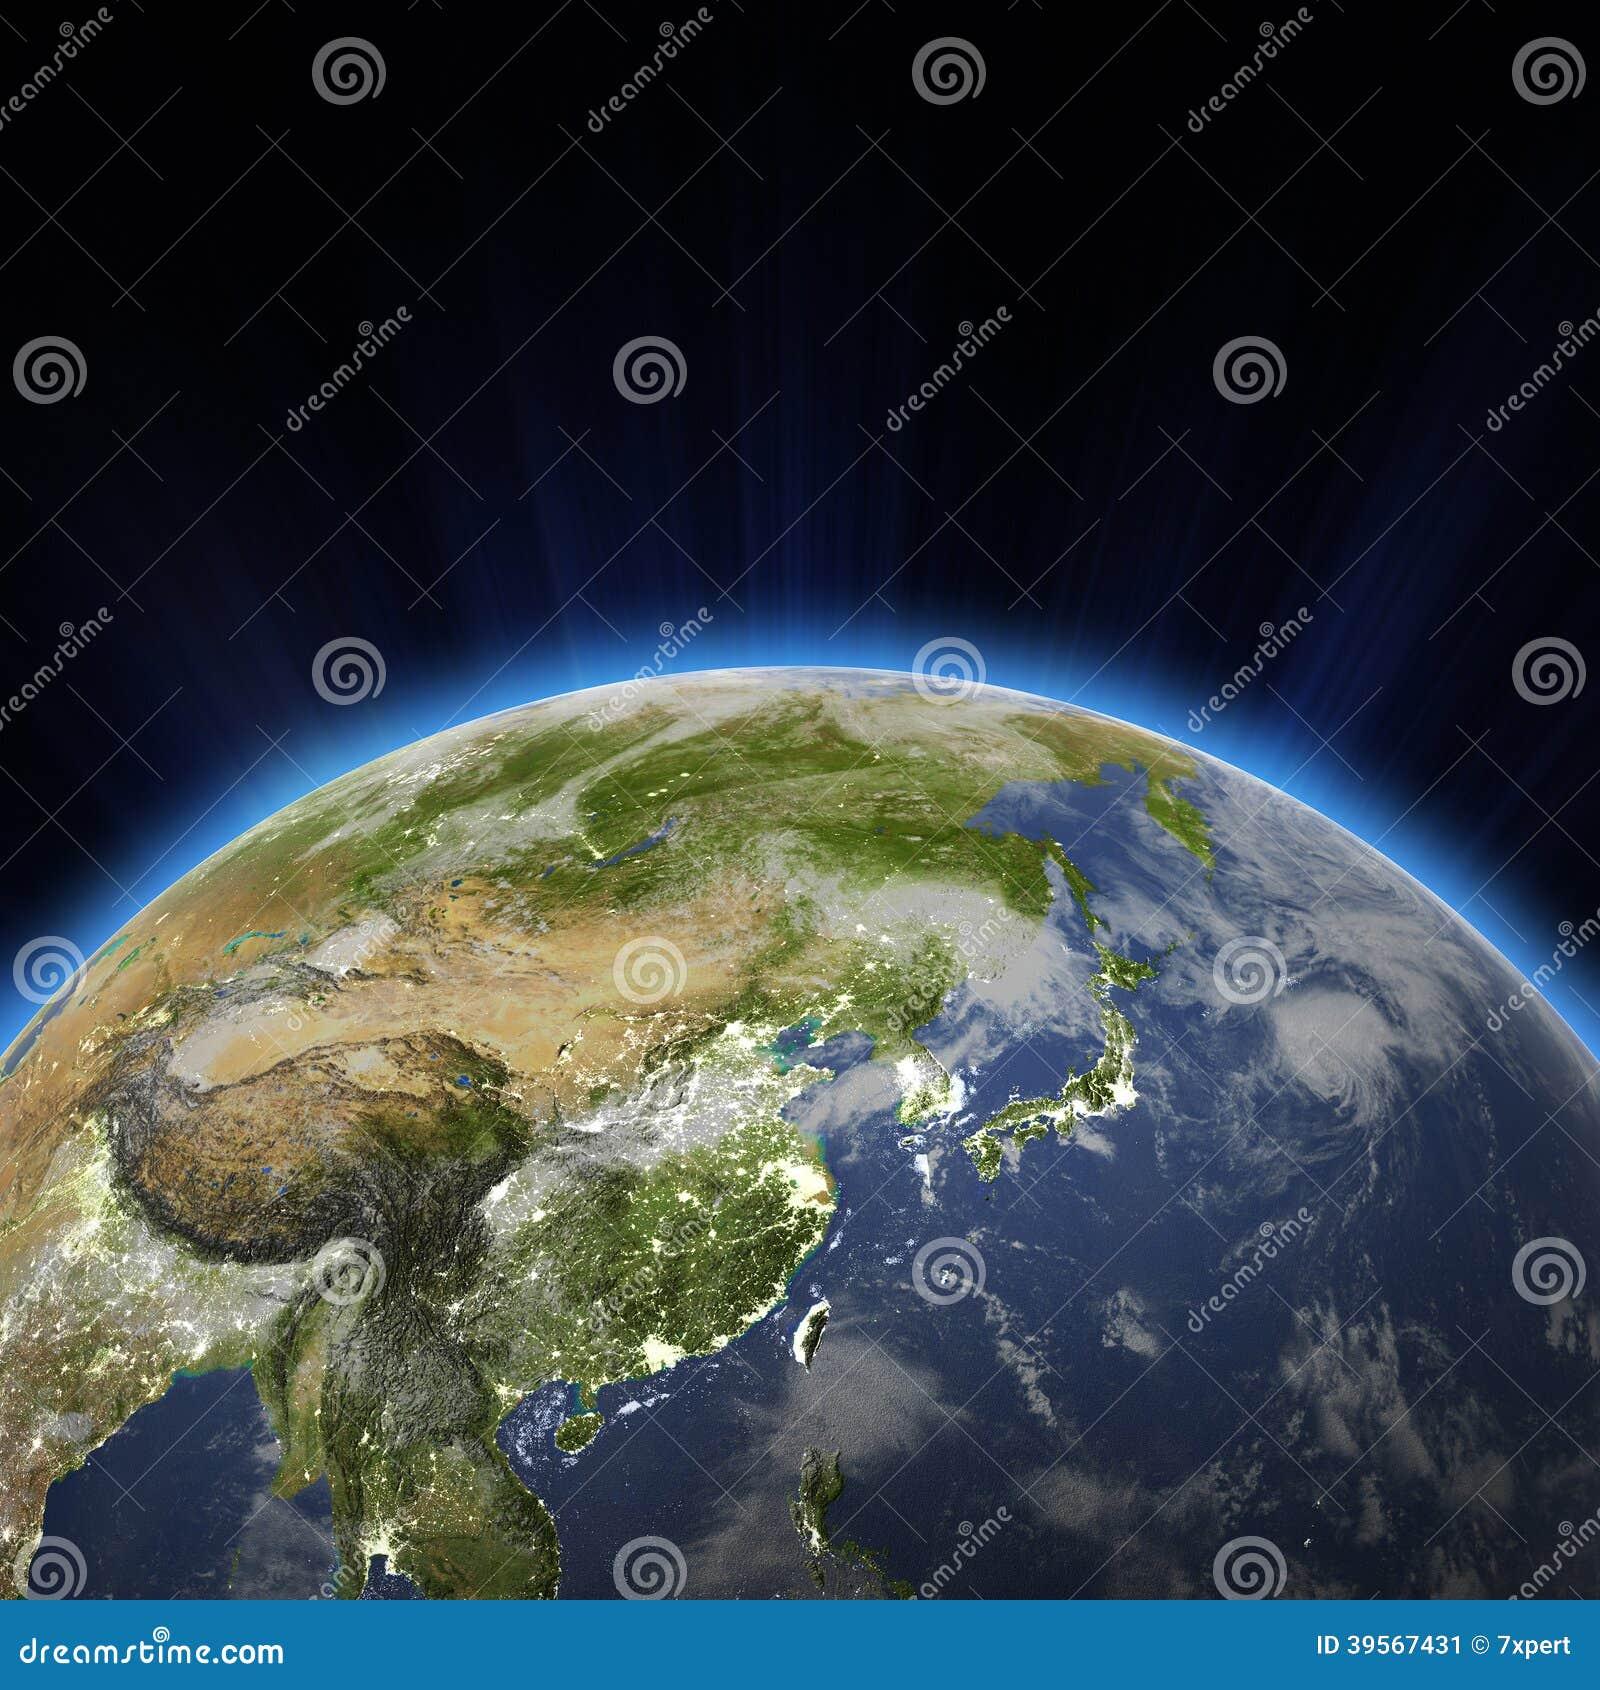 Δυτική Ασία - η πόλη της Κίνας, Ιαπωνία, Κορέα ανάβει τη νύχτα